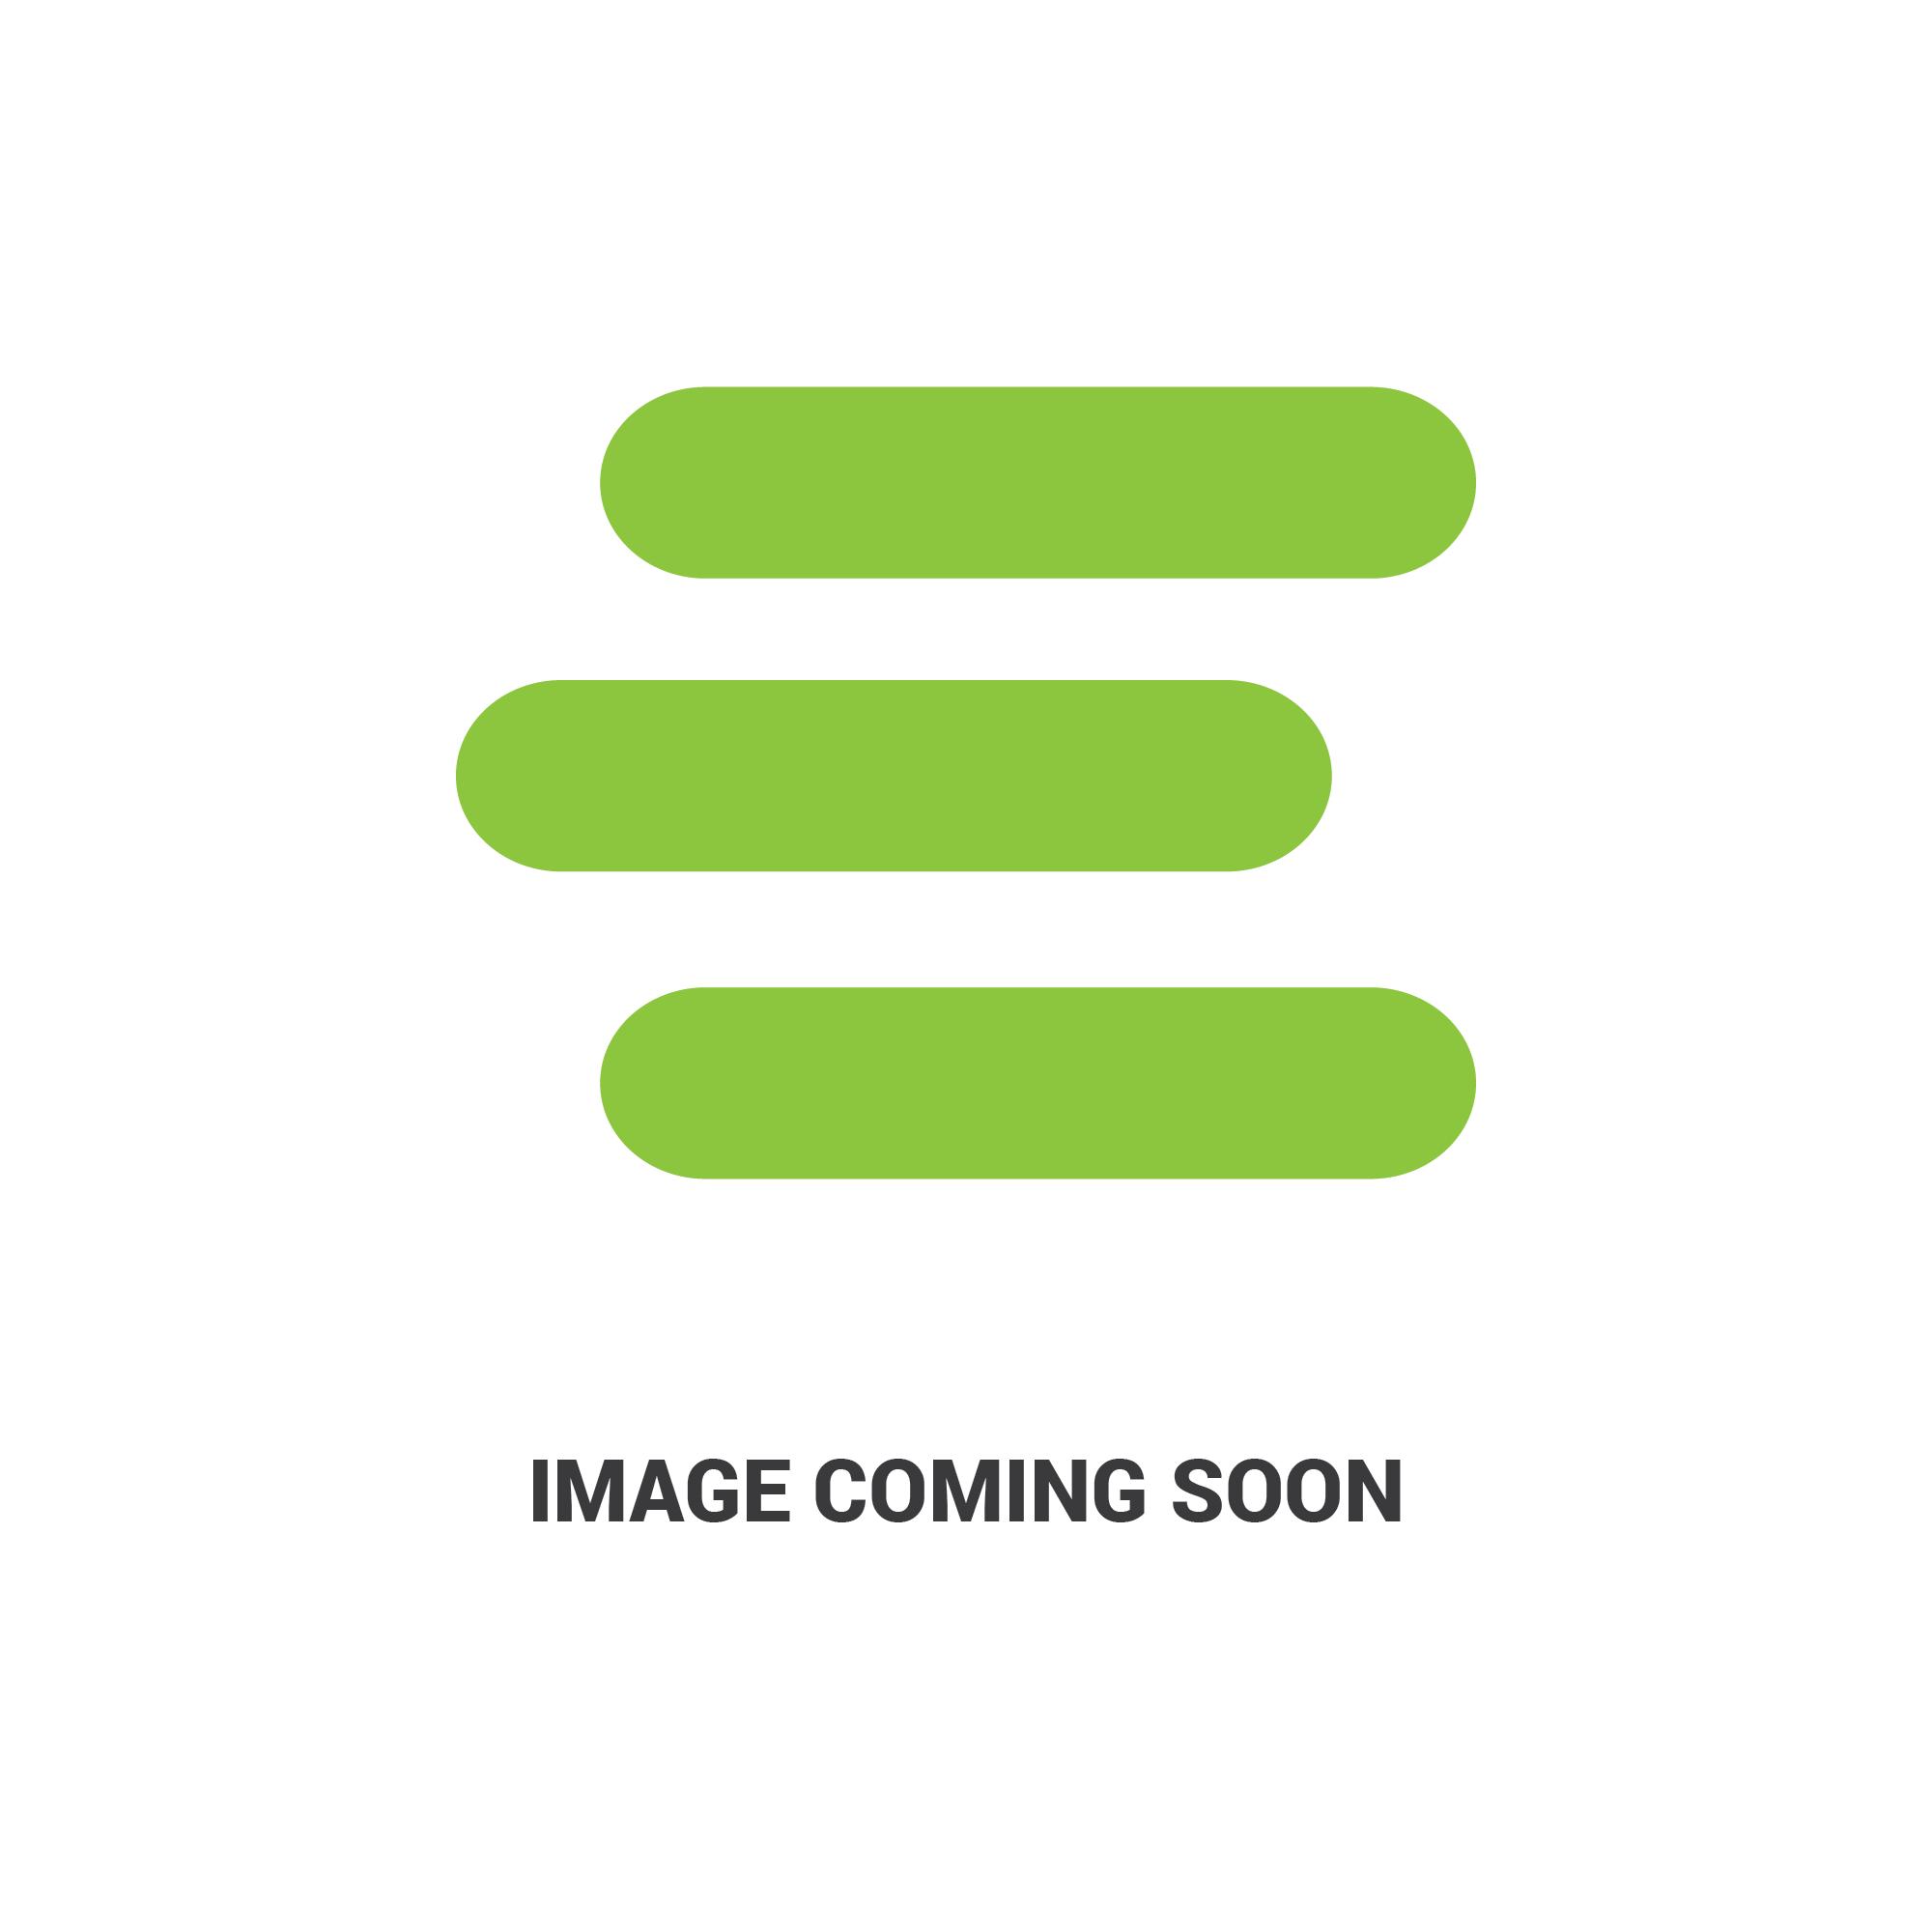 E-373024Hedit 10.png